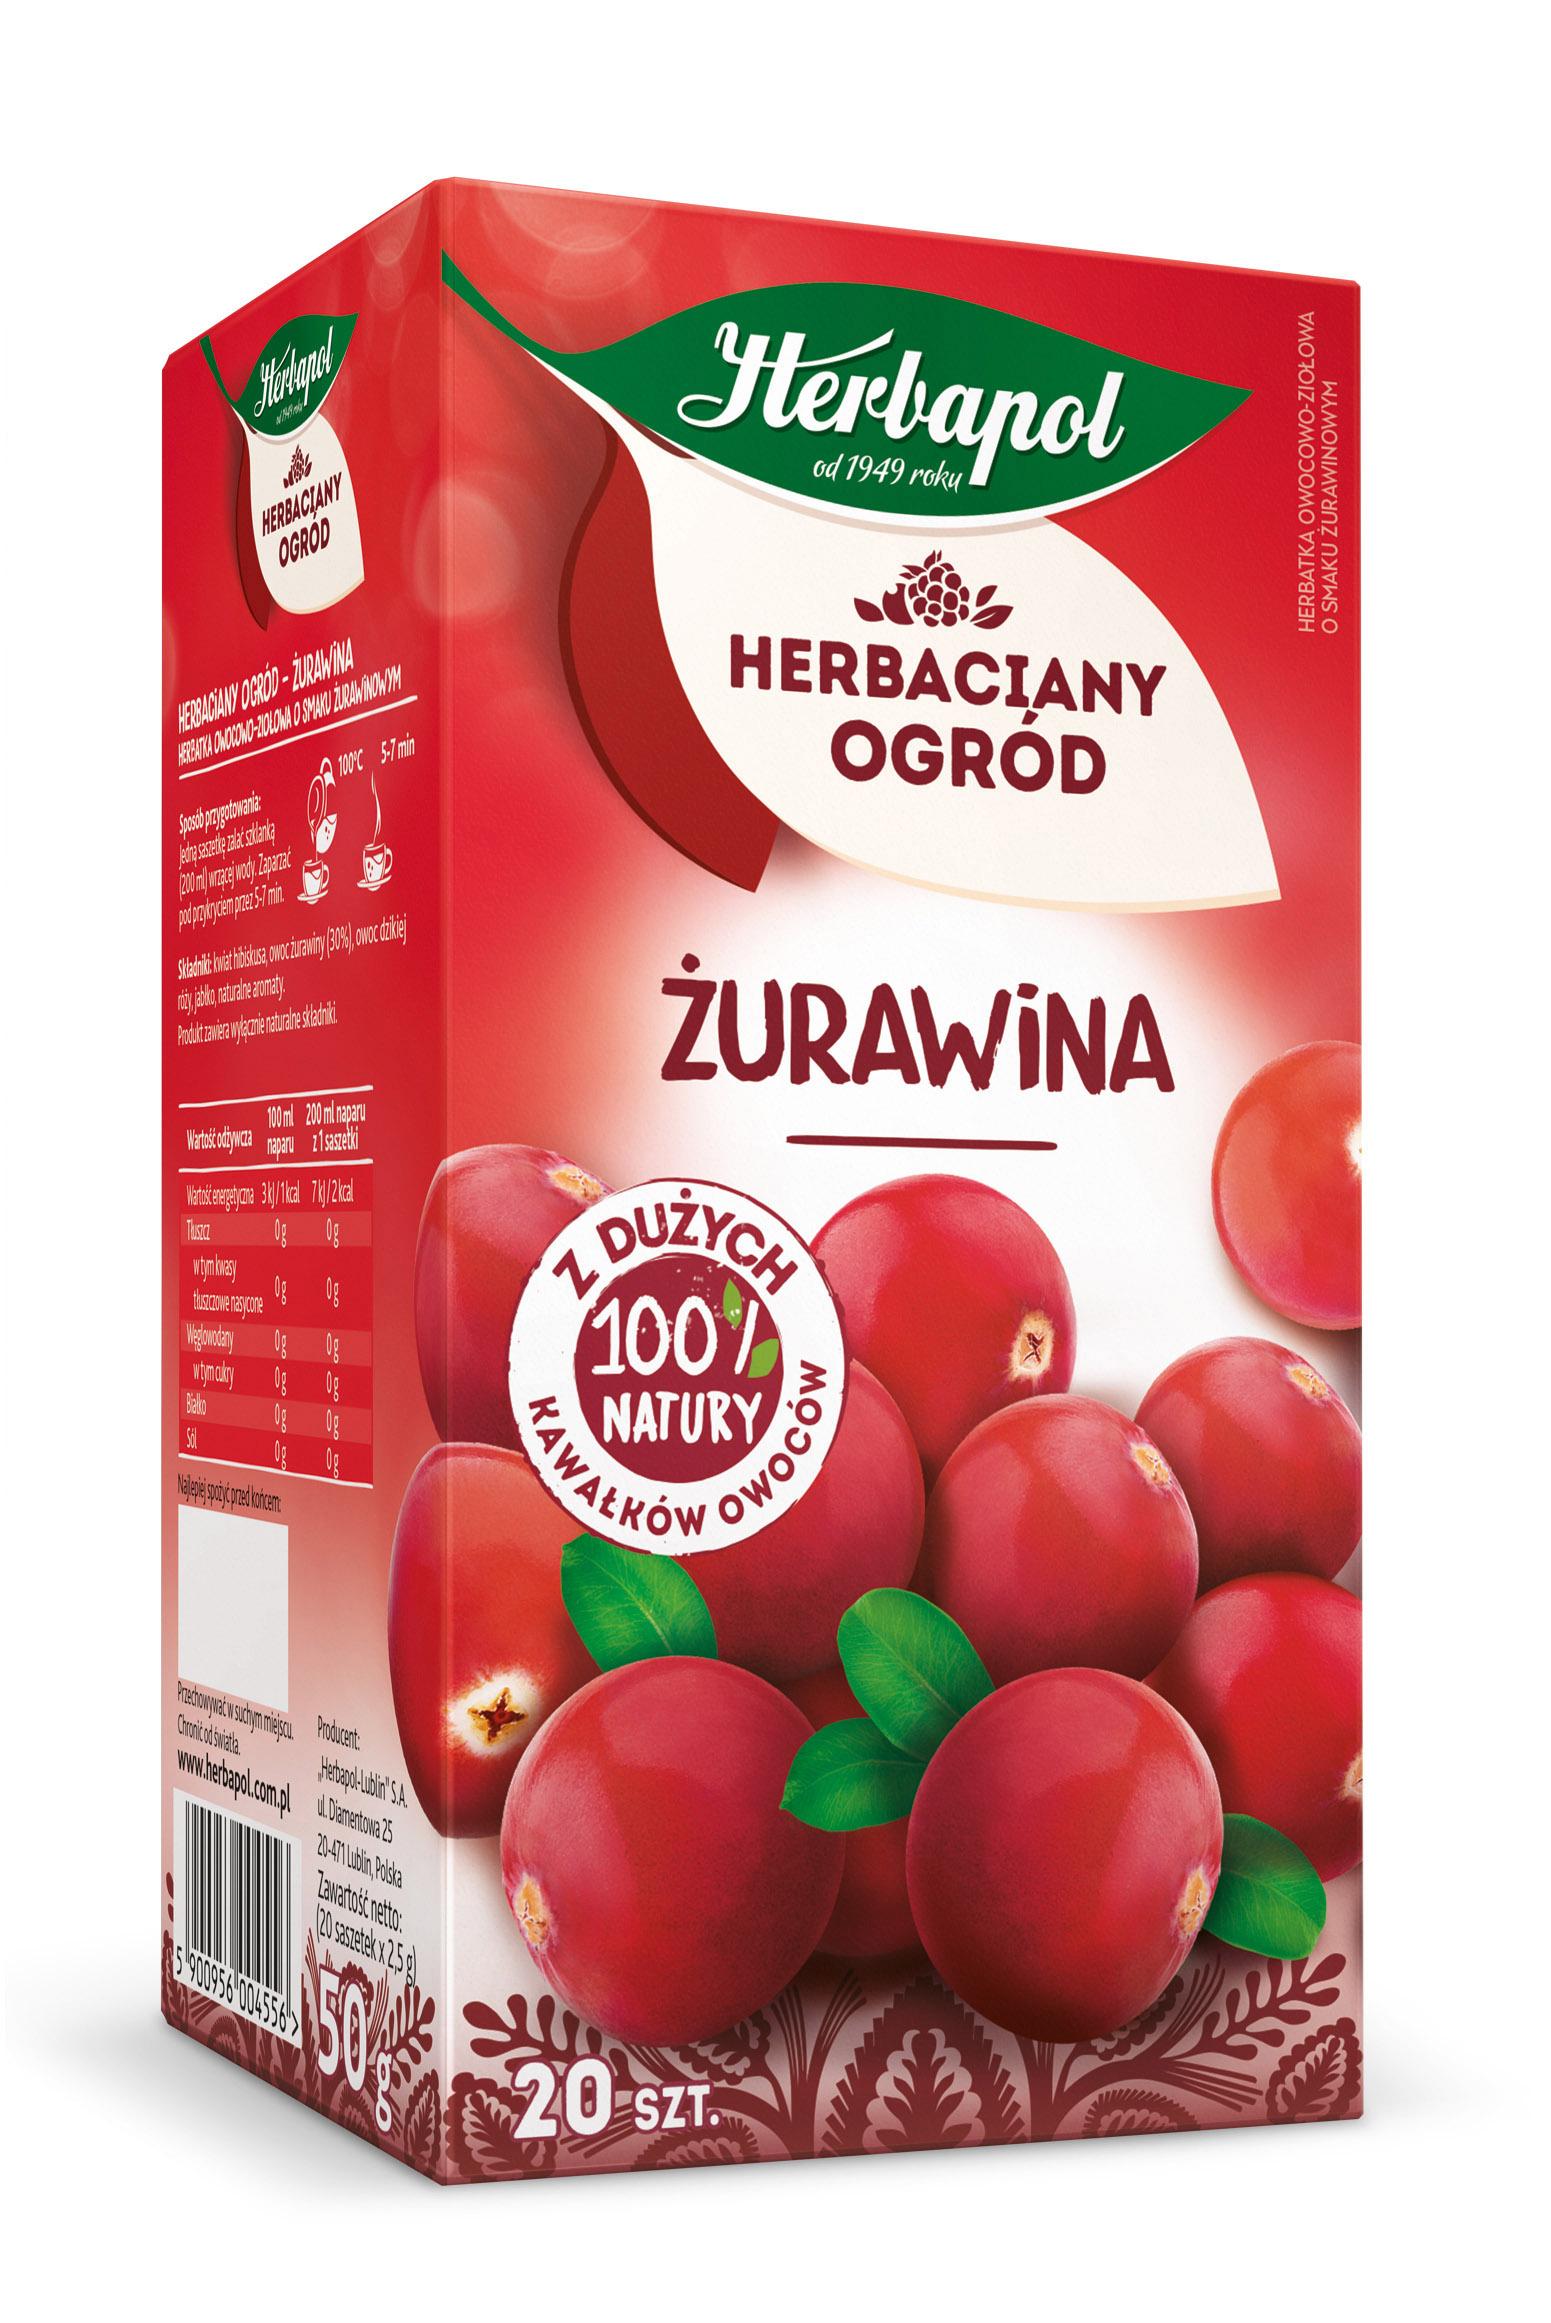 Herbatka owocowo-ziołowa Żurawina Herbaciany Ogród